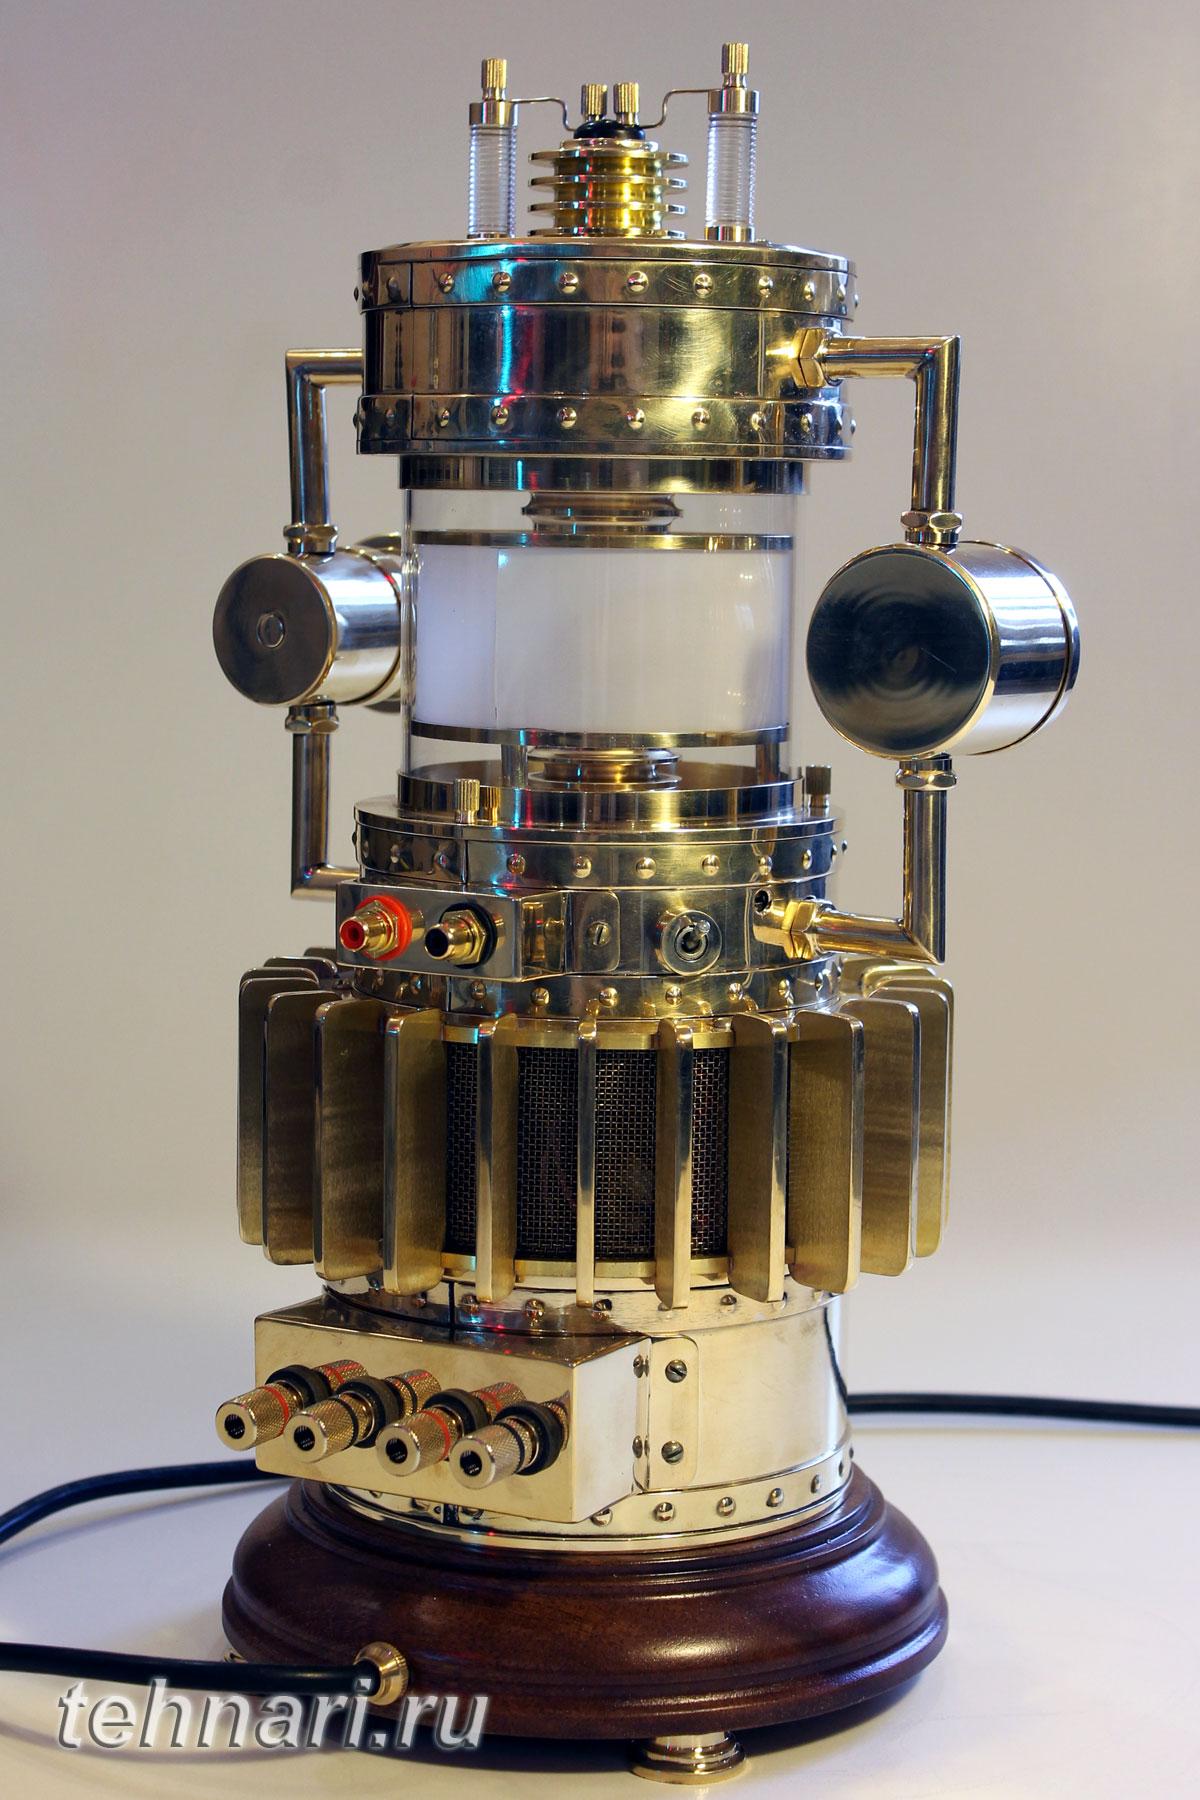 Стимпанк Hi-Fi: альтернативное прошлое звуковой аппаратуры - 9